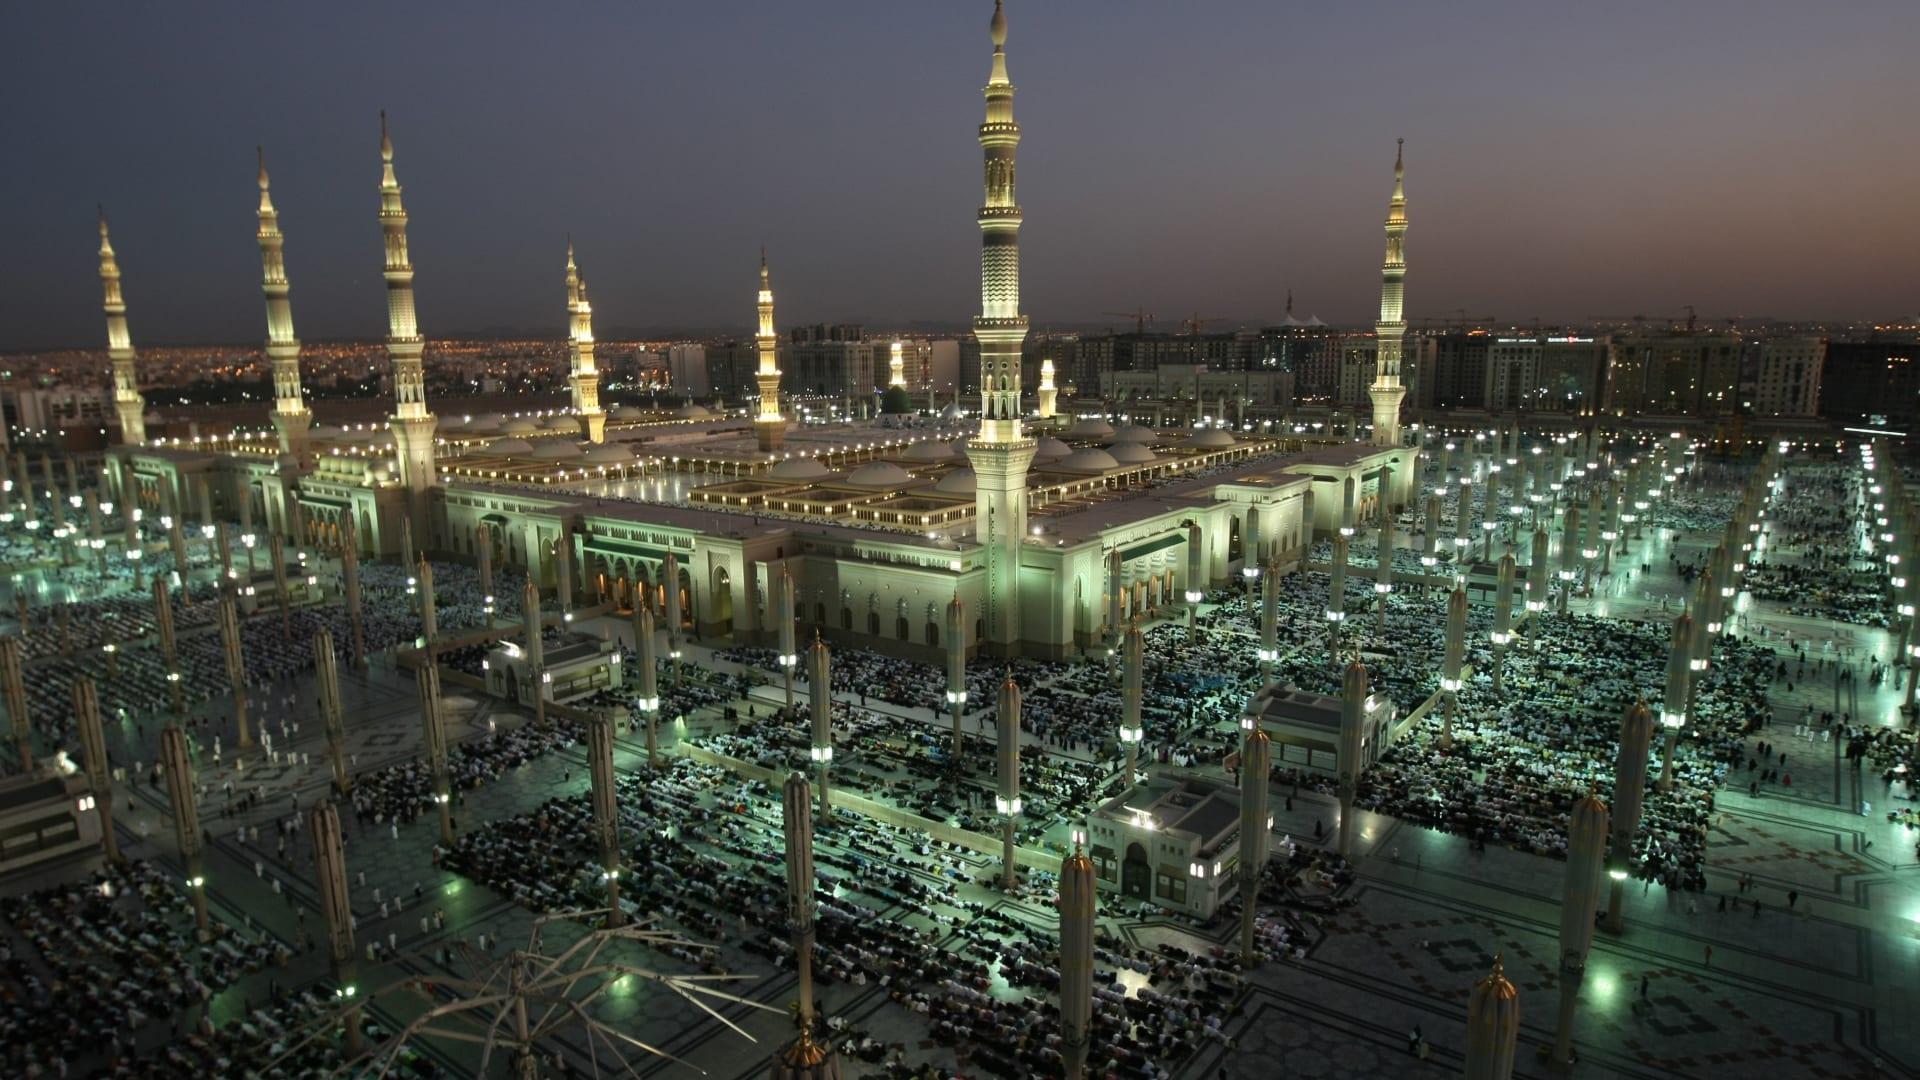 رئاسة المسجد النبوي تعلن موعد إعادة فتح الروضة الشريفة للصلاة